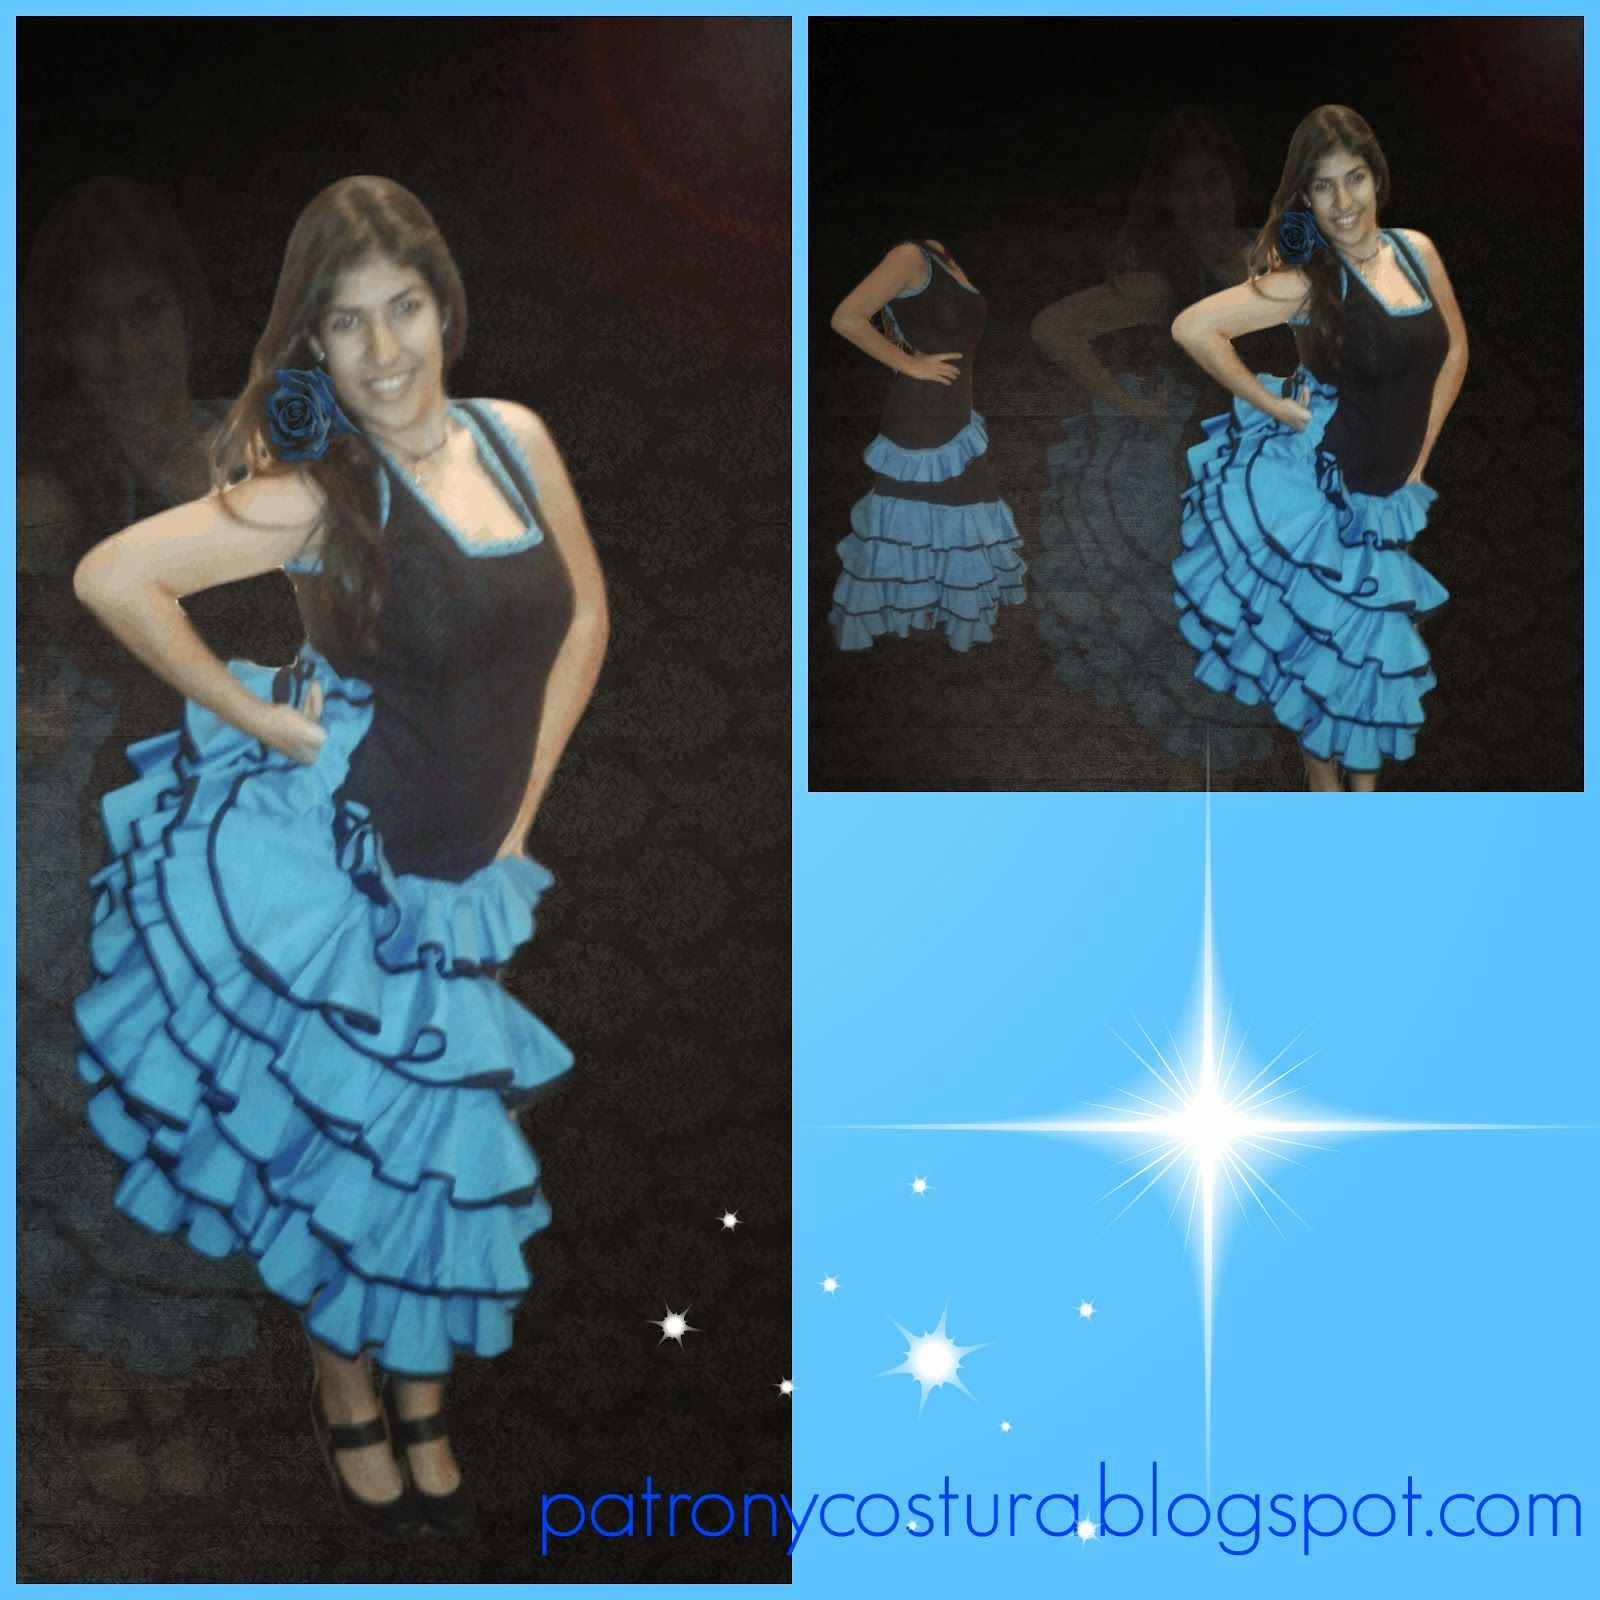 FaralaesVestidos Vestido Pinterest FaralaesVestidos Flamenca Vestido De De CQrshtdx